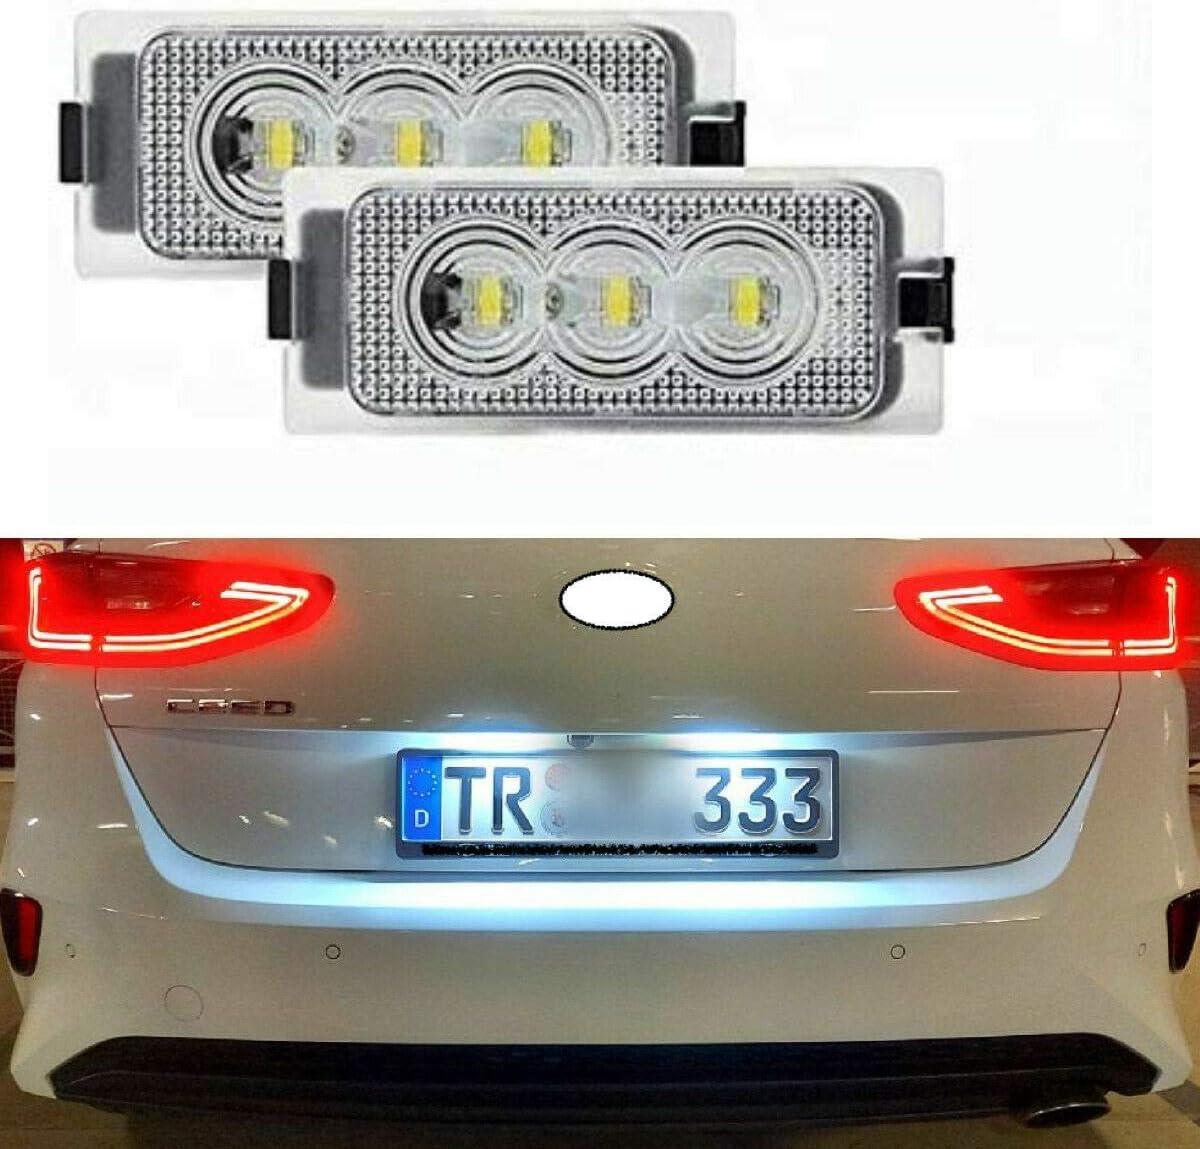 2 X Top Module Smd Led Kennzeichenbeleuchtung Nummernschildbeleuchtung 307ren Auto